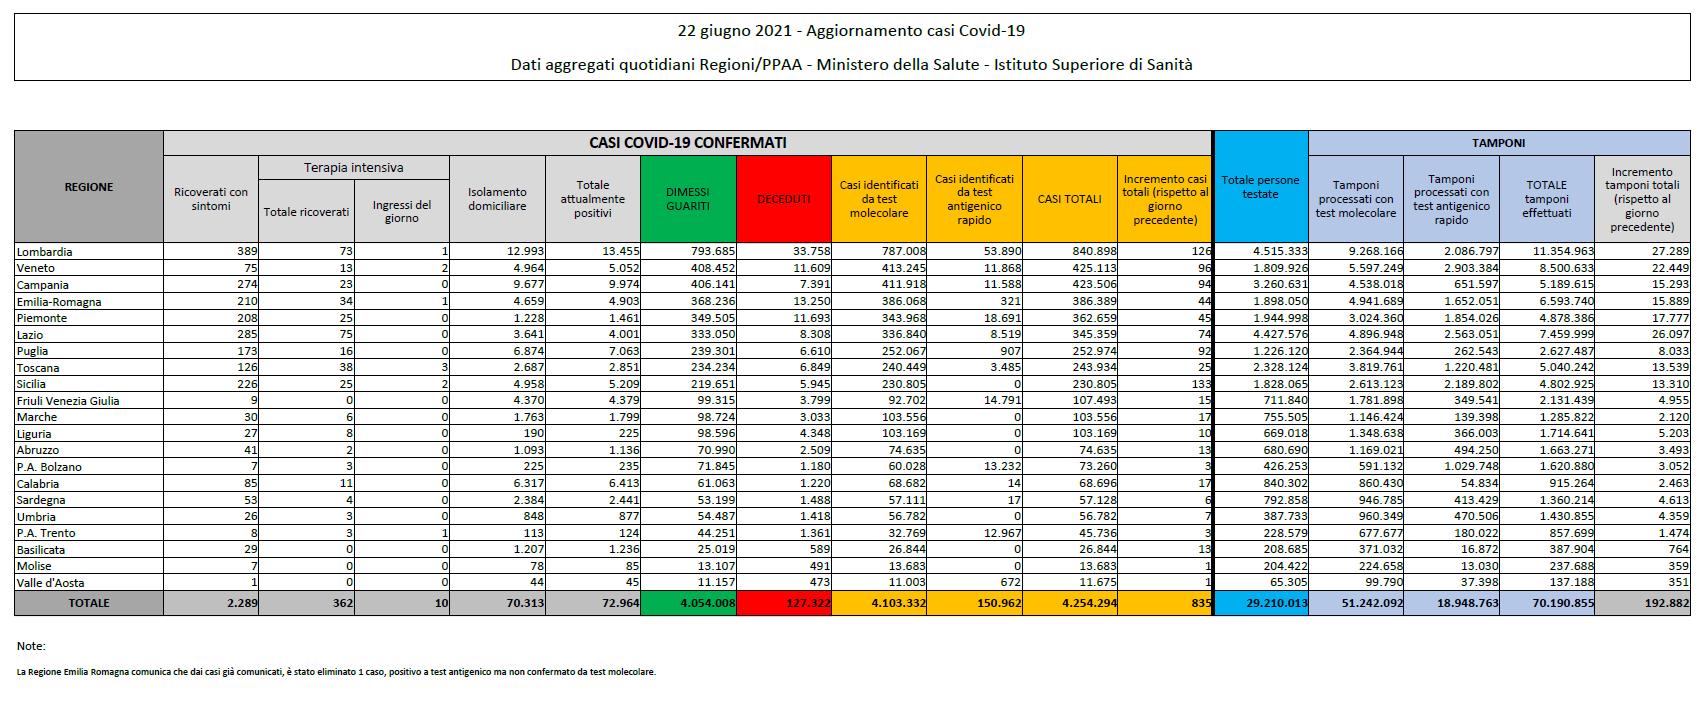 Corona virus: Italia, 72964 attualmente positivi a test ( 3889 in un giorno) con 127322 decessi (31) e 4054008 guariti (4692). Totale di 4254294 casi (835) Dati della protezione civile: effettuati 192882 tamponi